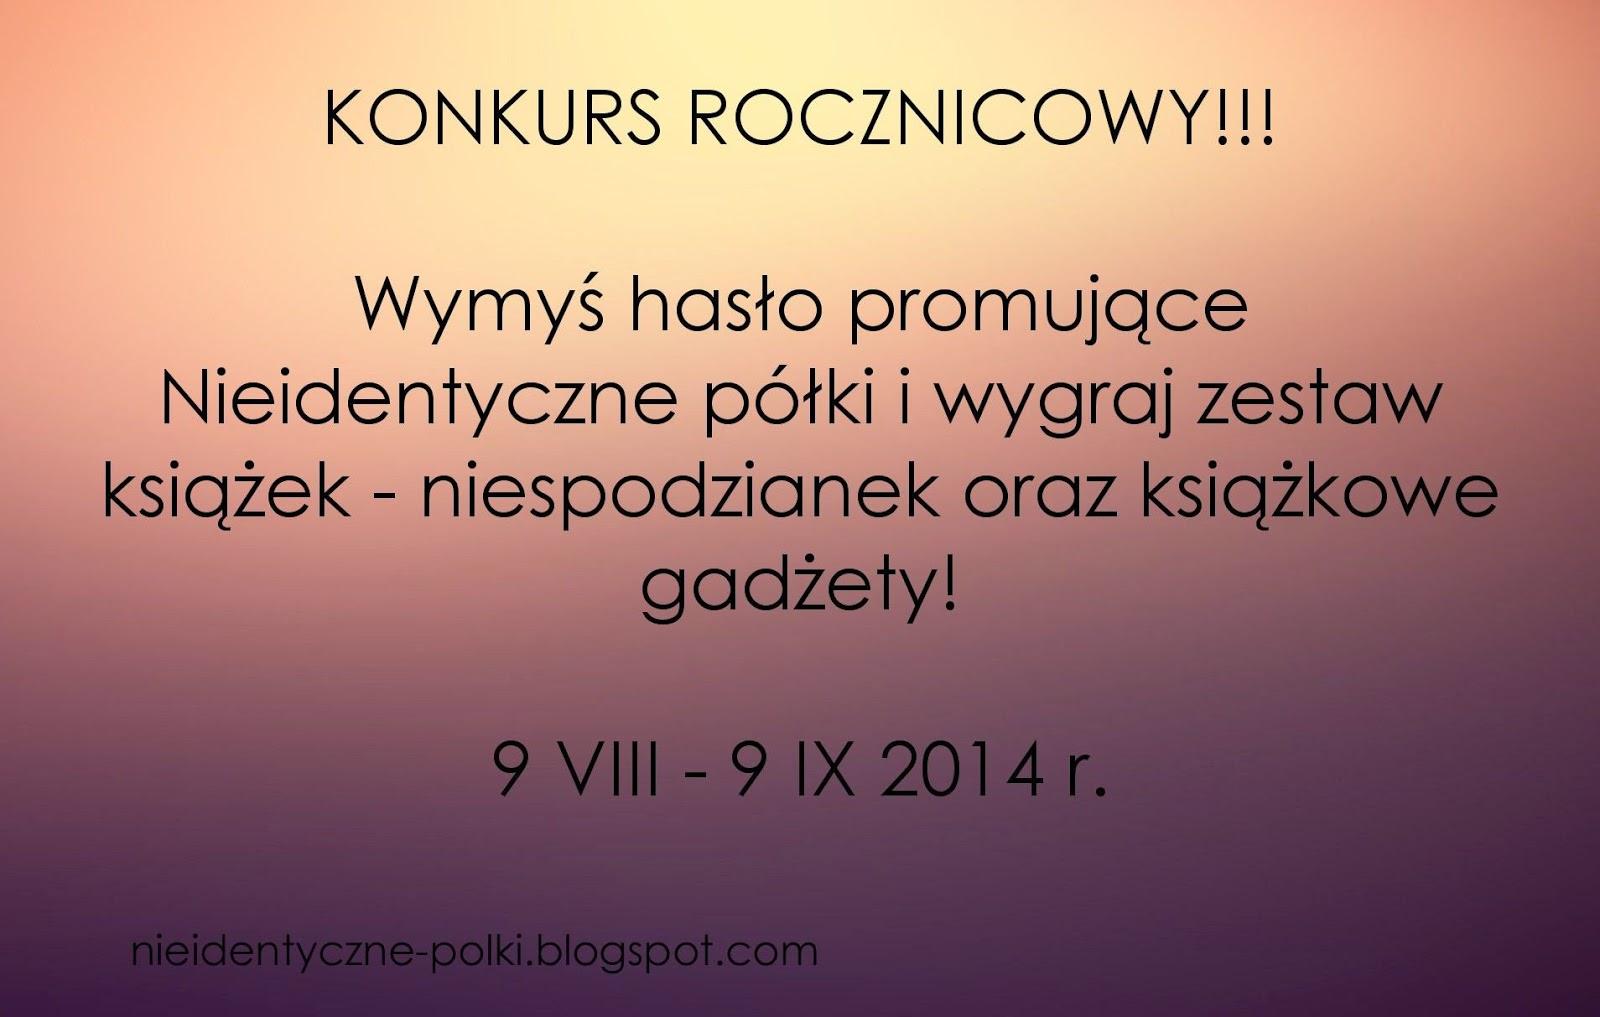 http://nieidentyczne-polki.blogspot.com/2014/08/przypominajka.html